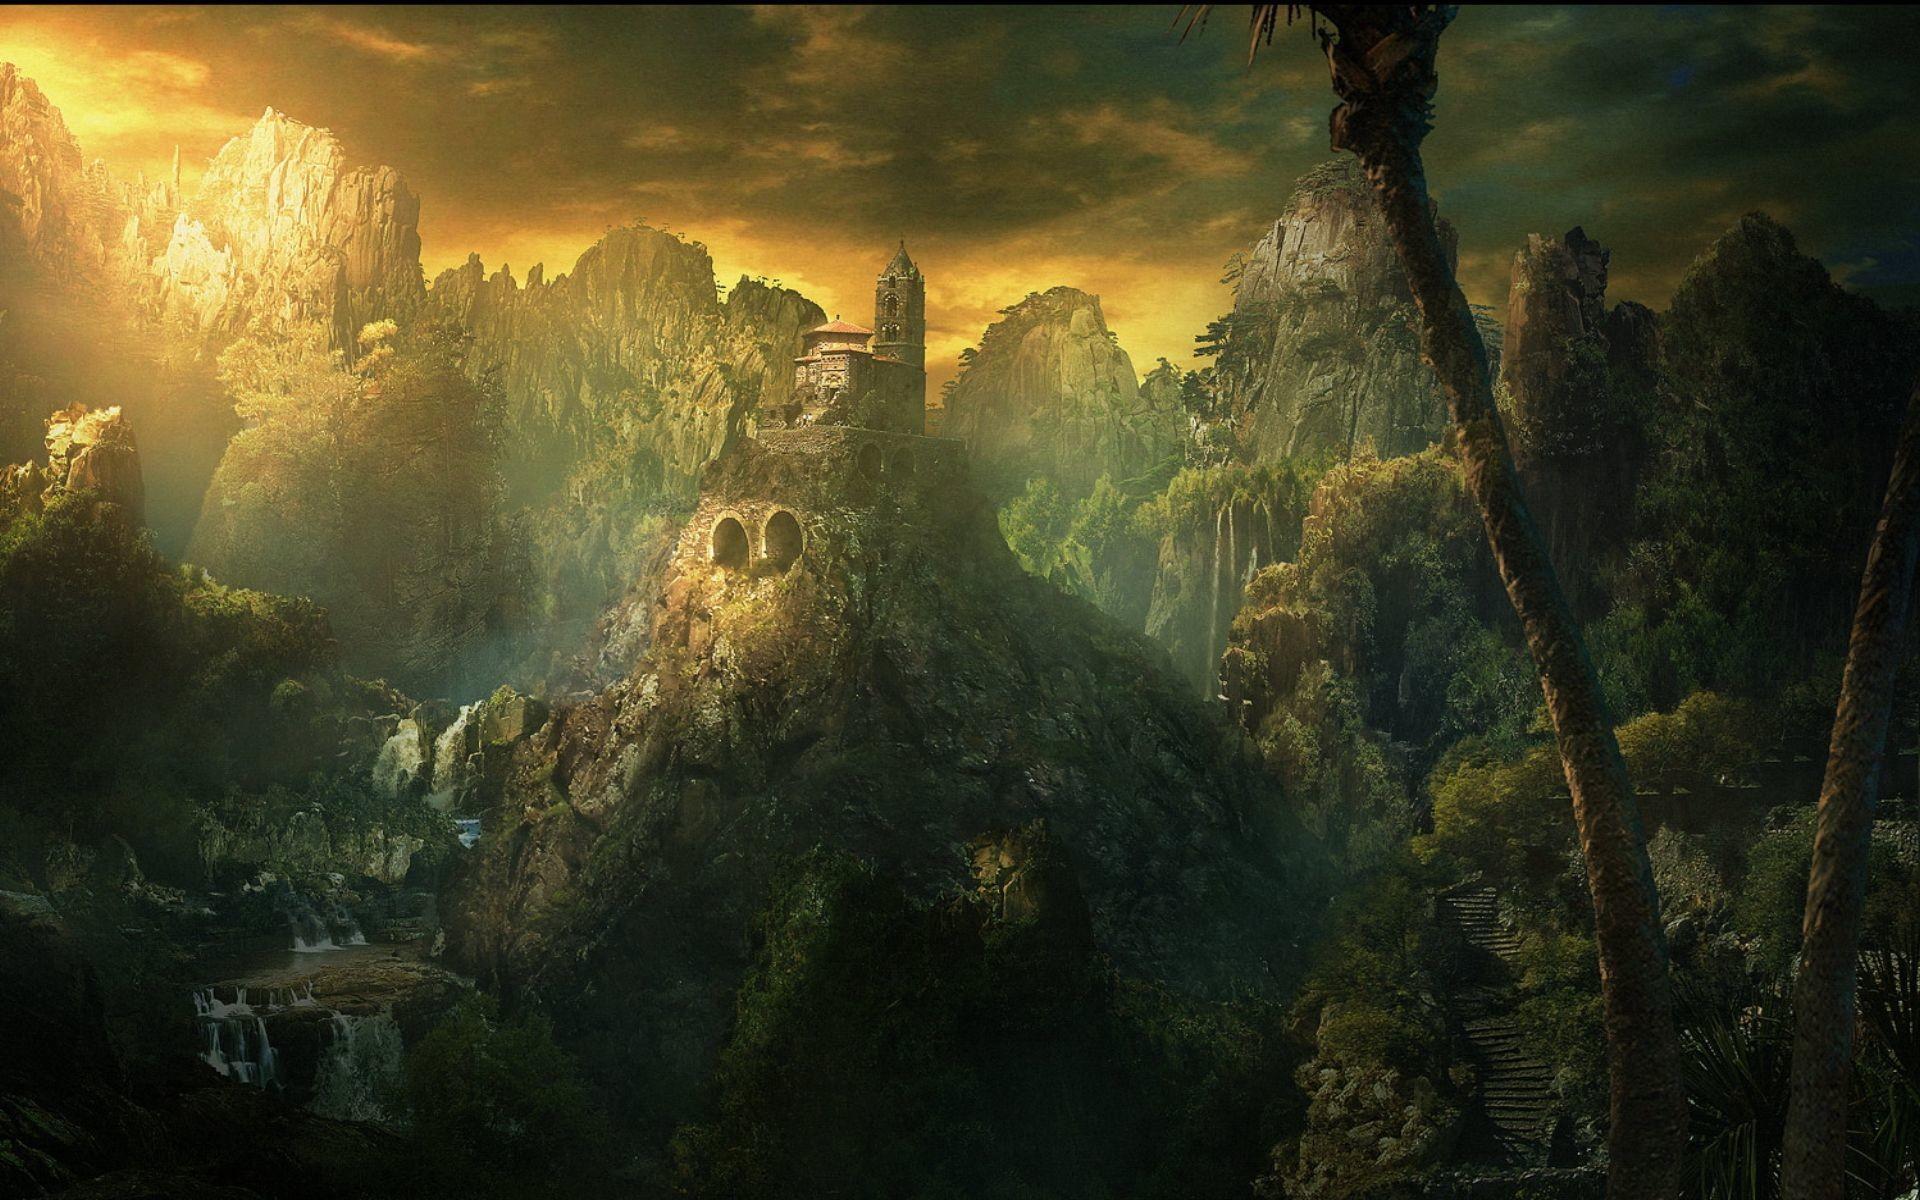 Fantasy Landscape Wallpapers Desktop